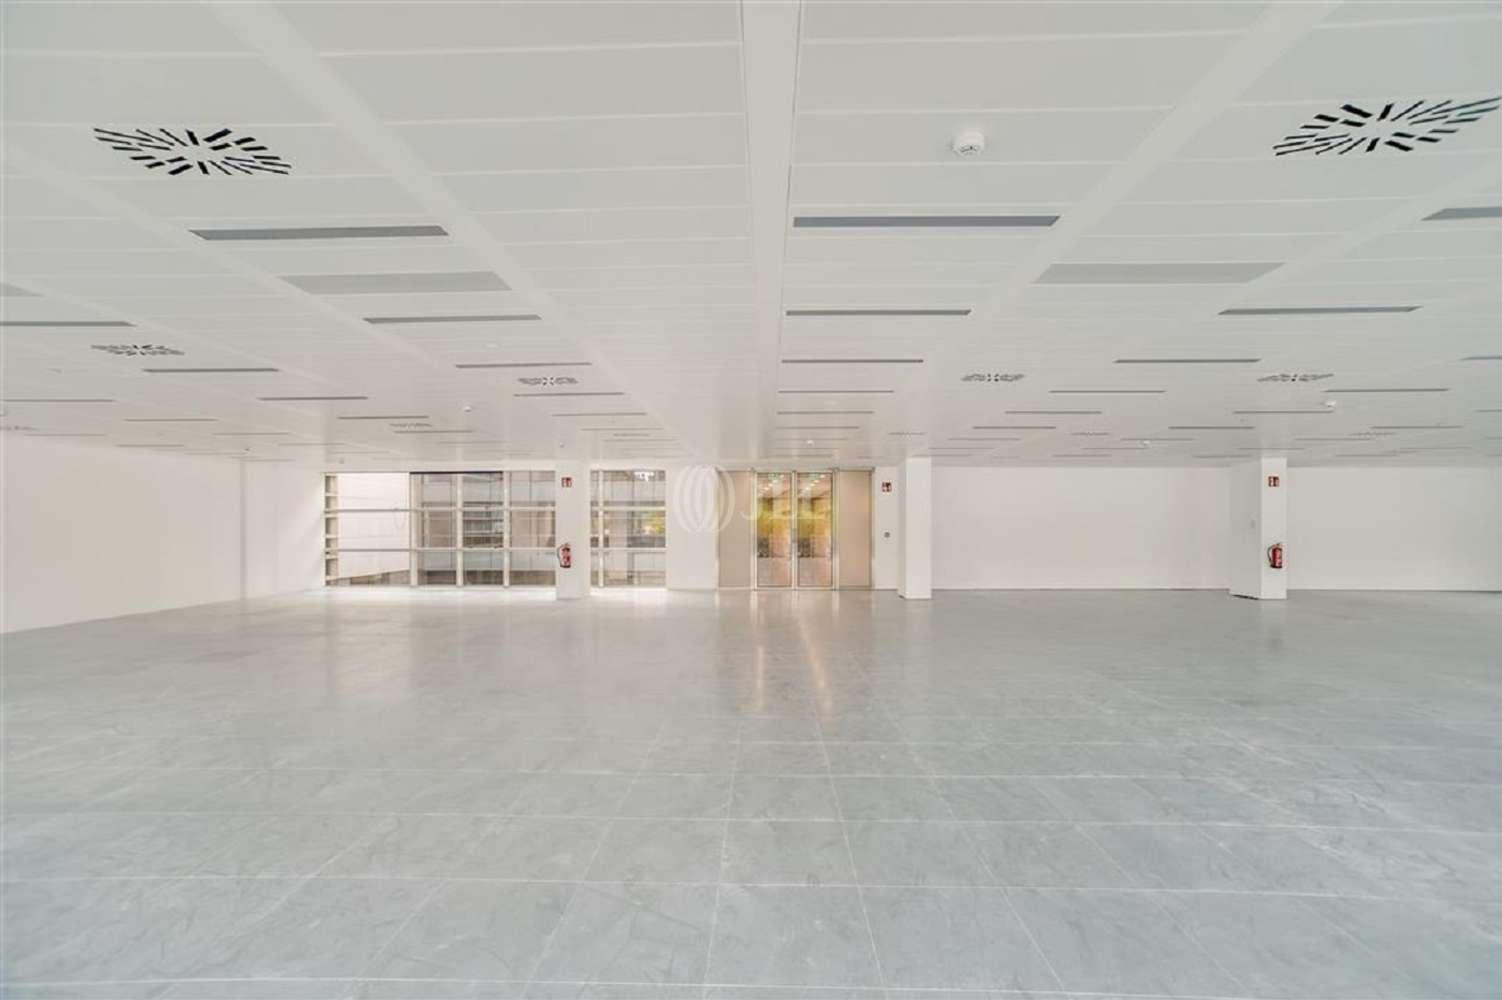 Oficina Sant cugat del vallès, 08174 - SANT CUGAT NORD - Edificio D